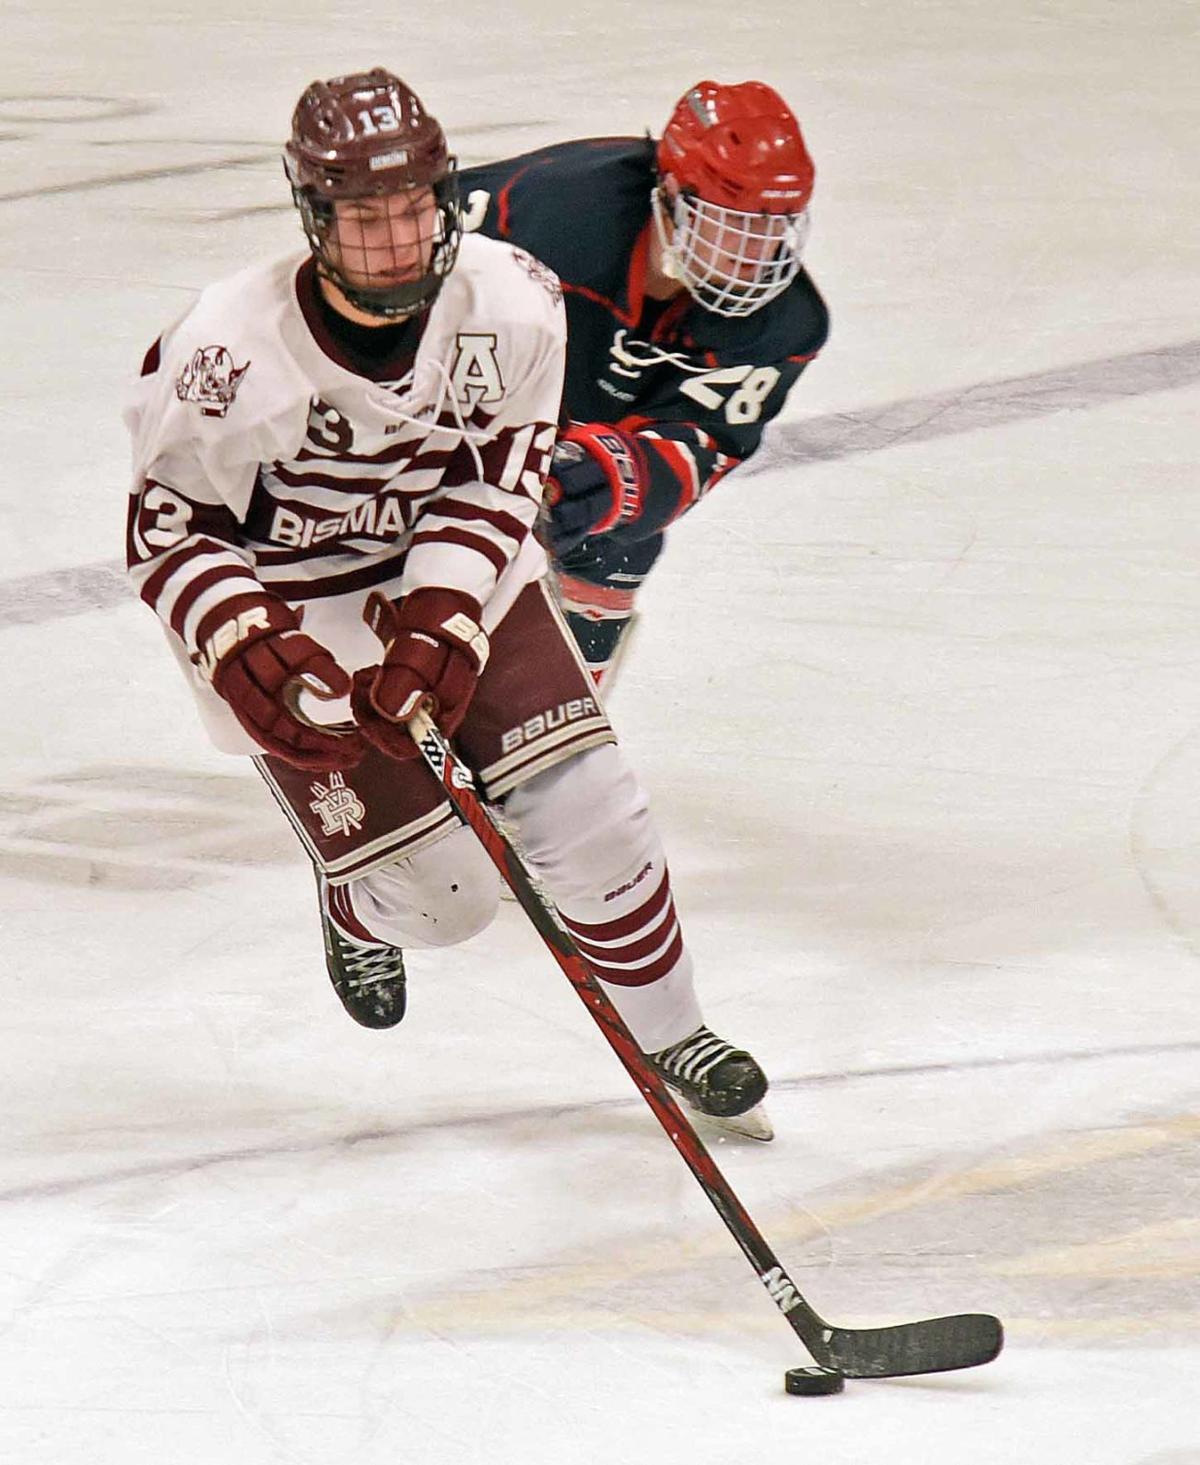 020619-spt-hockey3.jpg